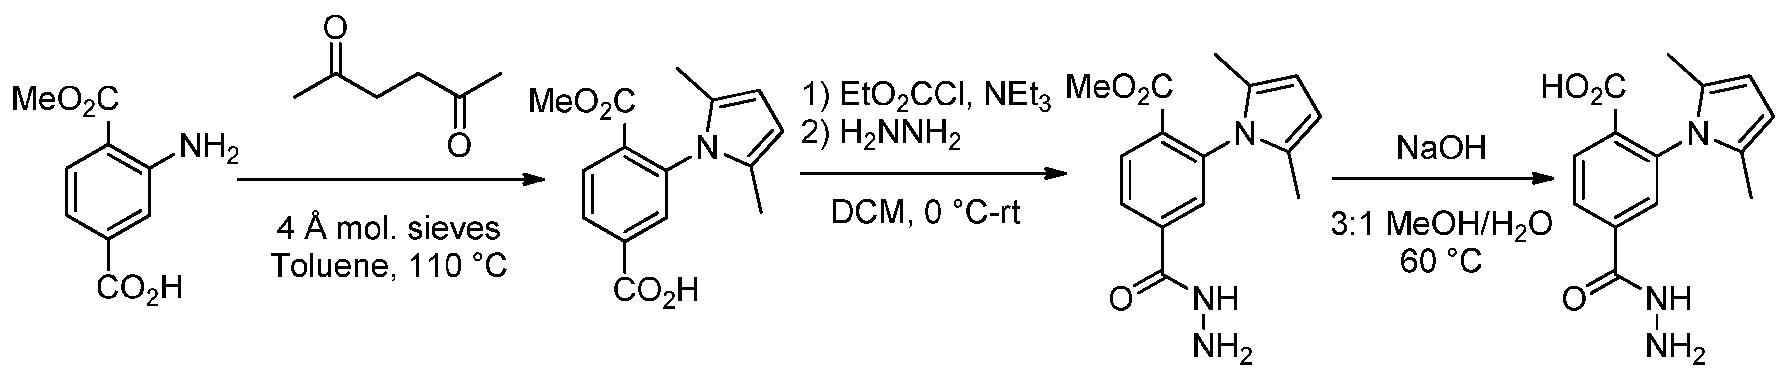 Figure imgf000135_0003